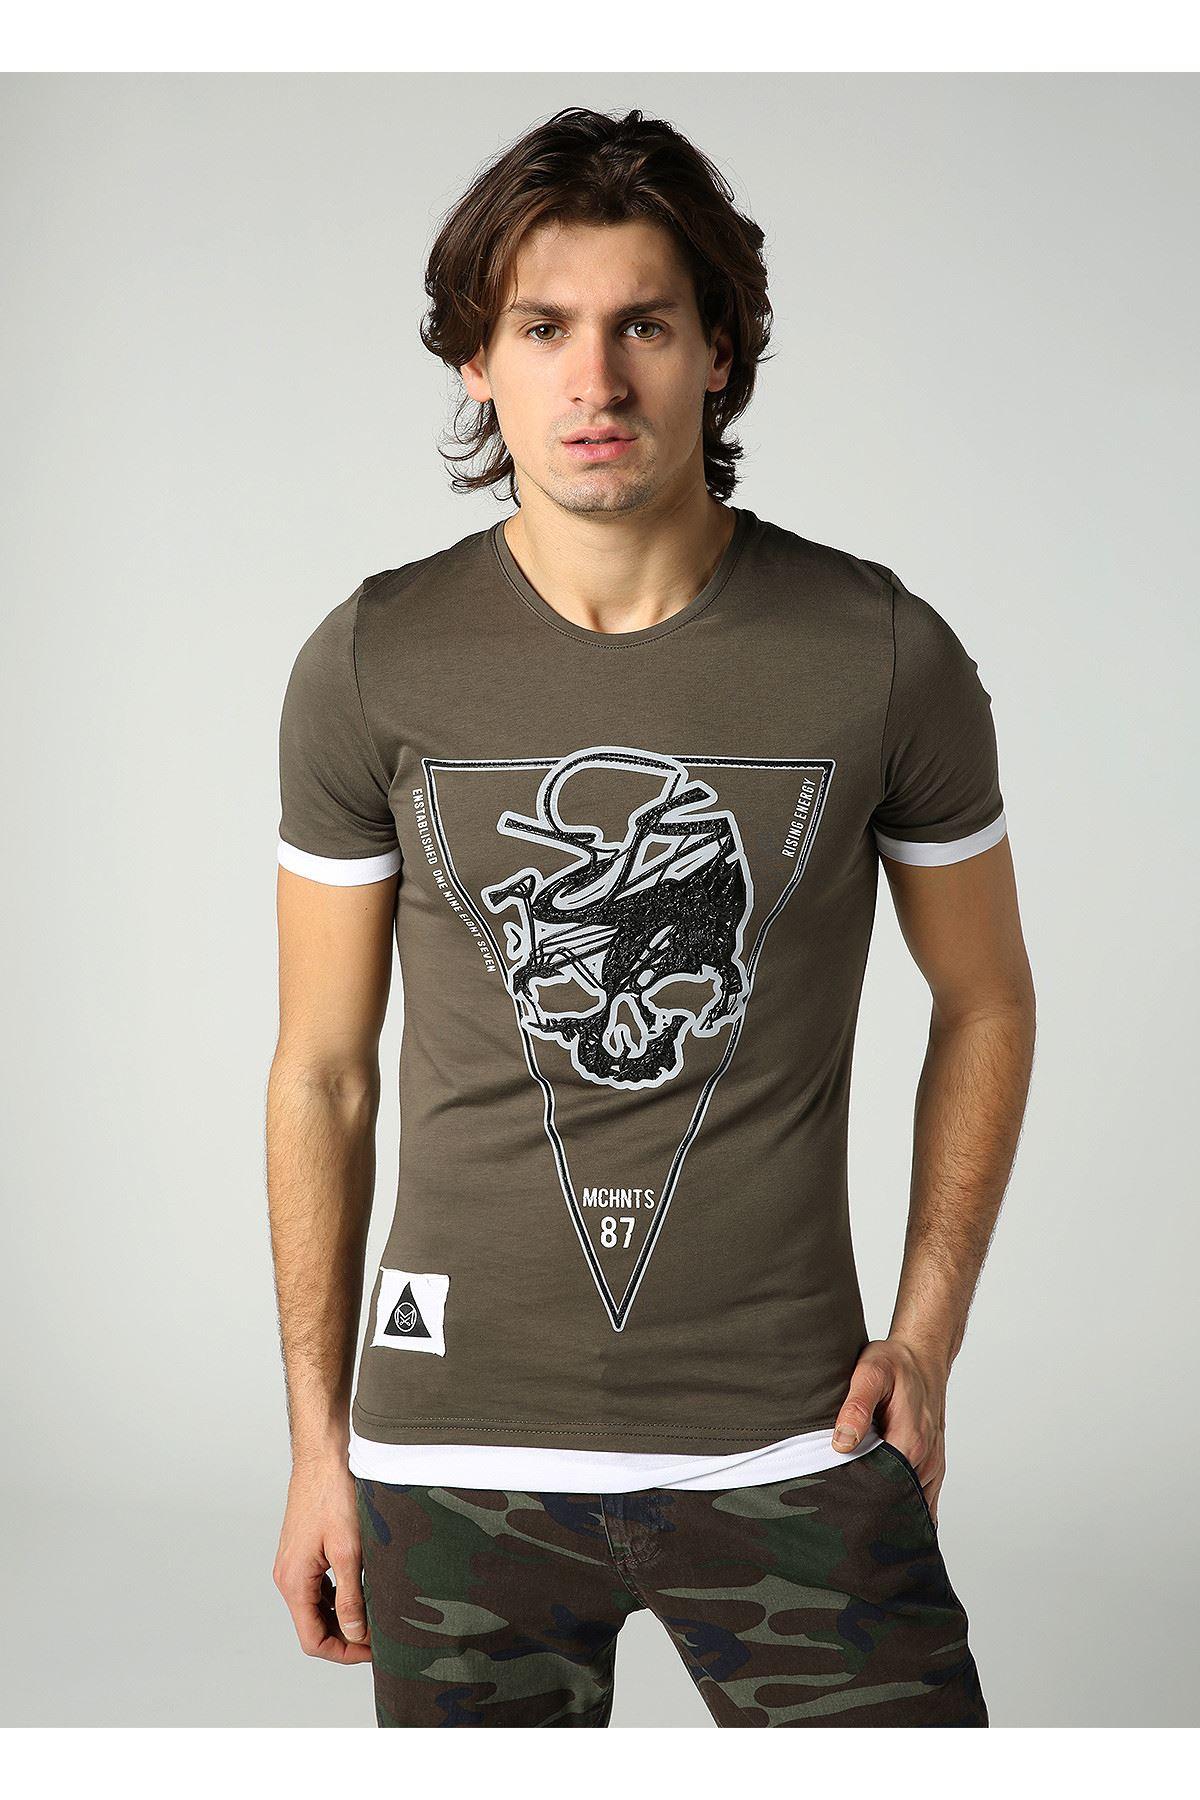 Bisiklet Yaka Kuru Kafa Baskılı Erkek Haki T-Shirt